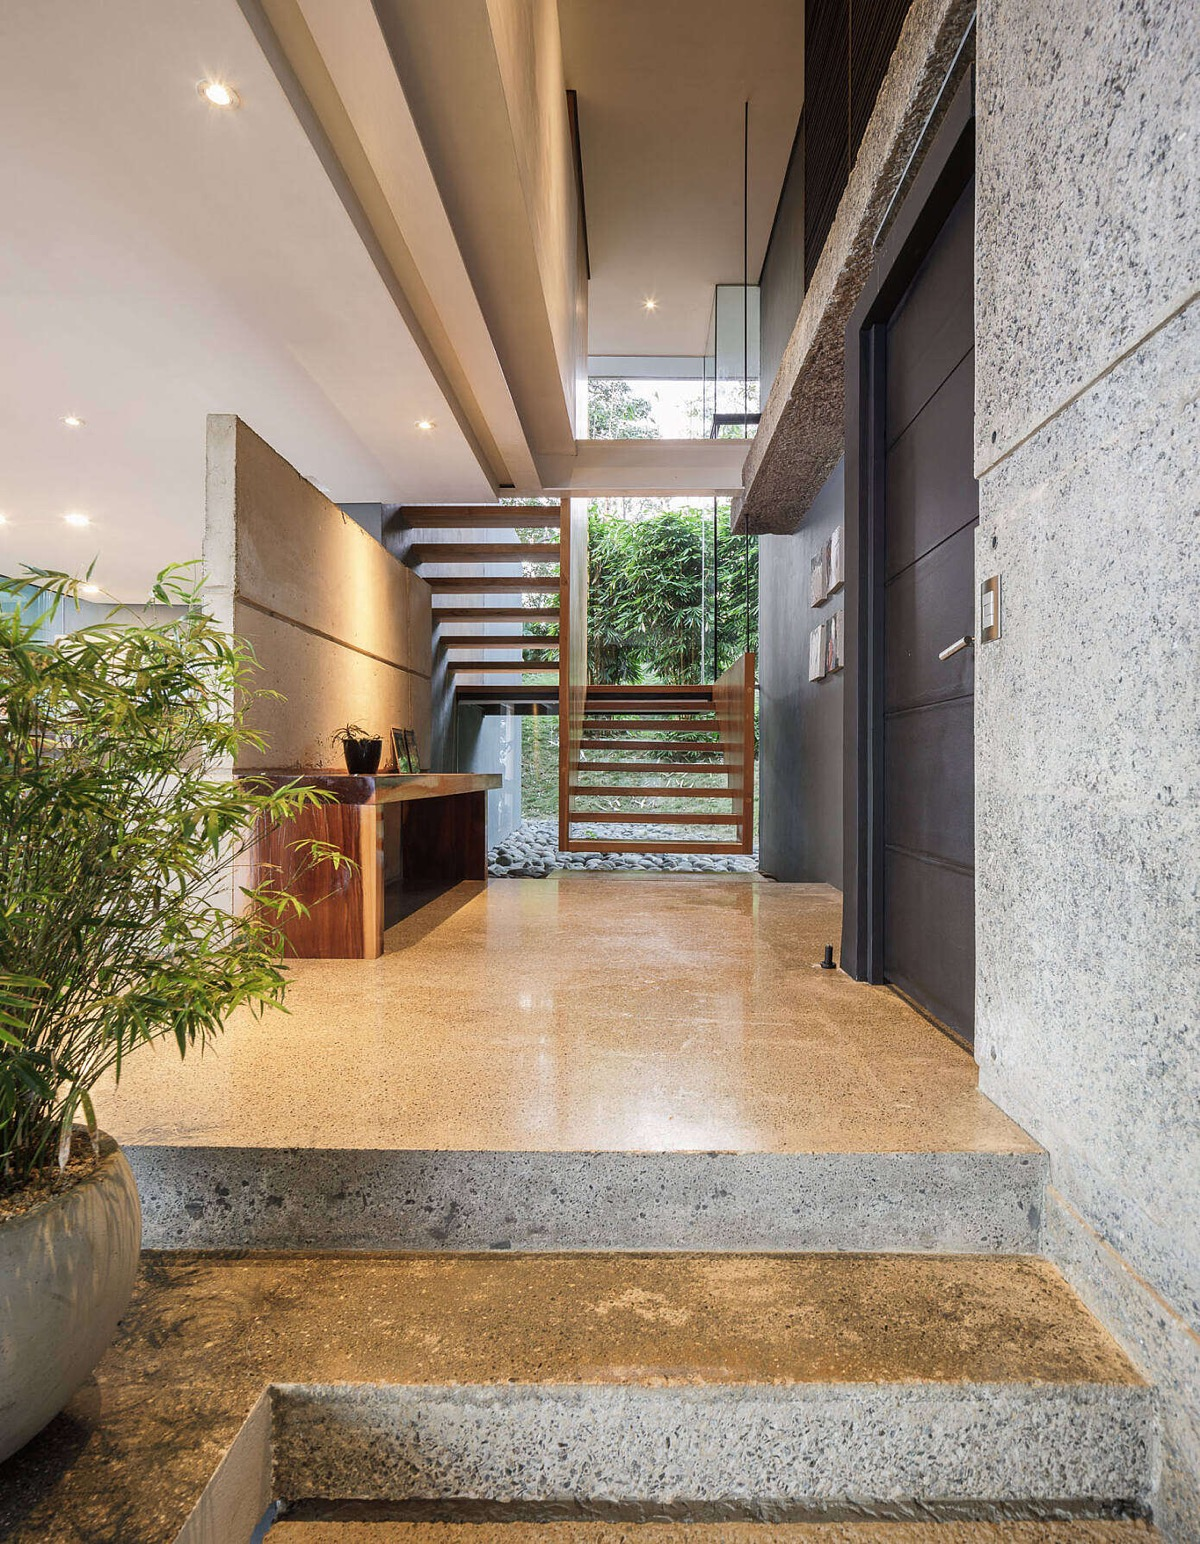 open-riser-staircase-design